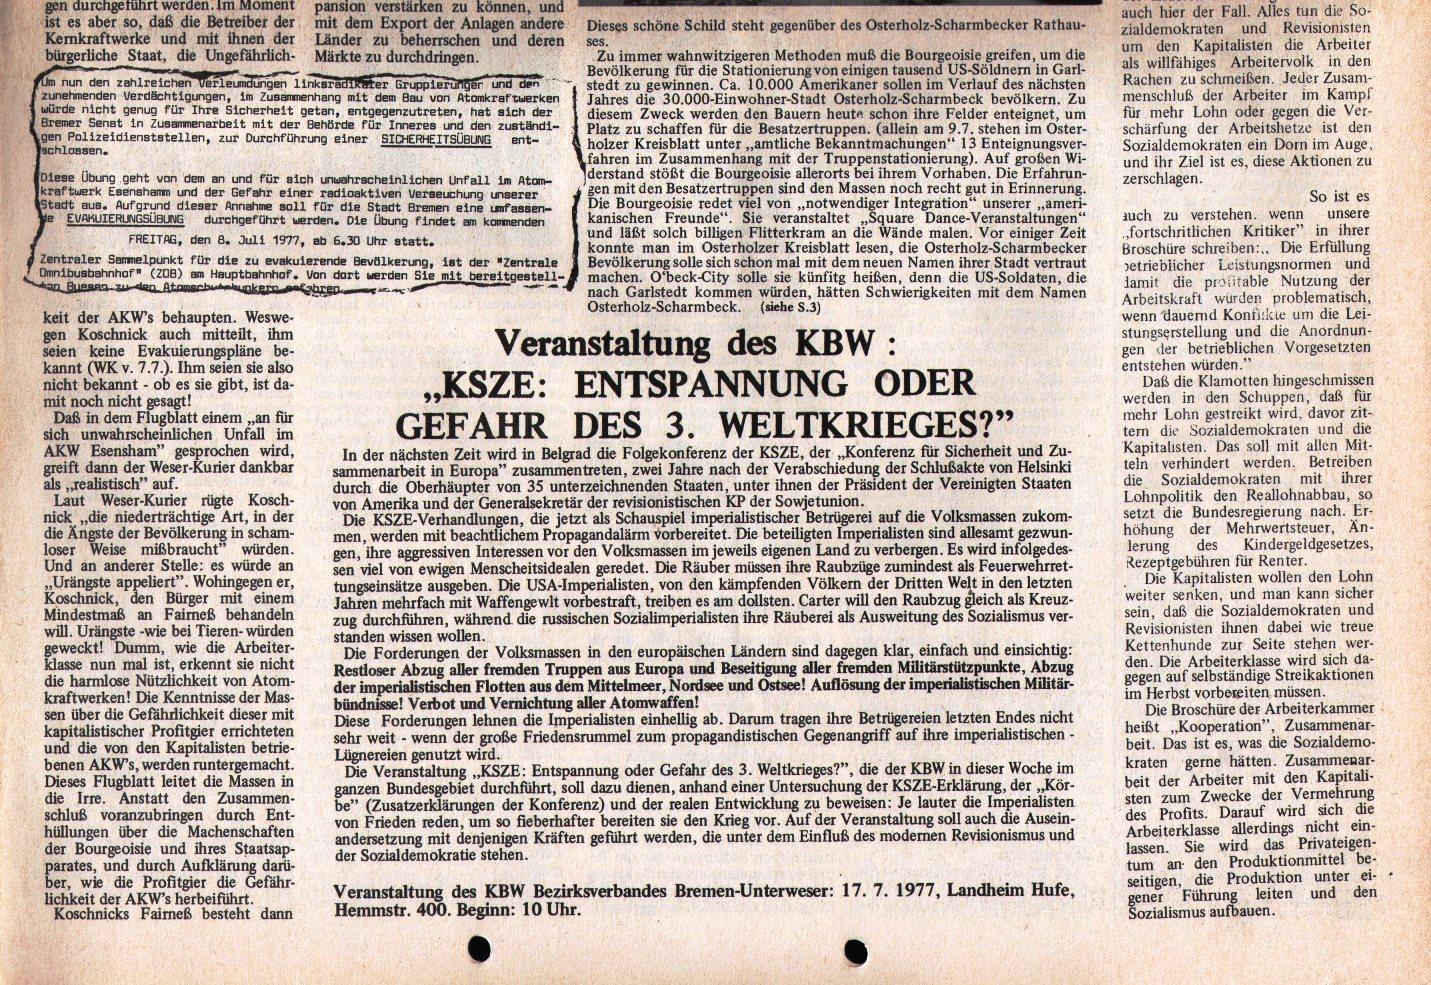 Bremen_Unterweser_KBW241